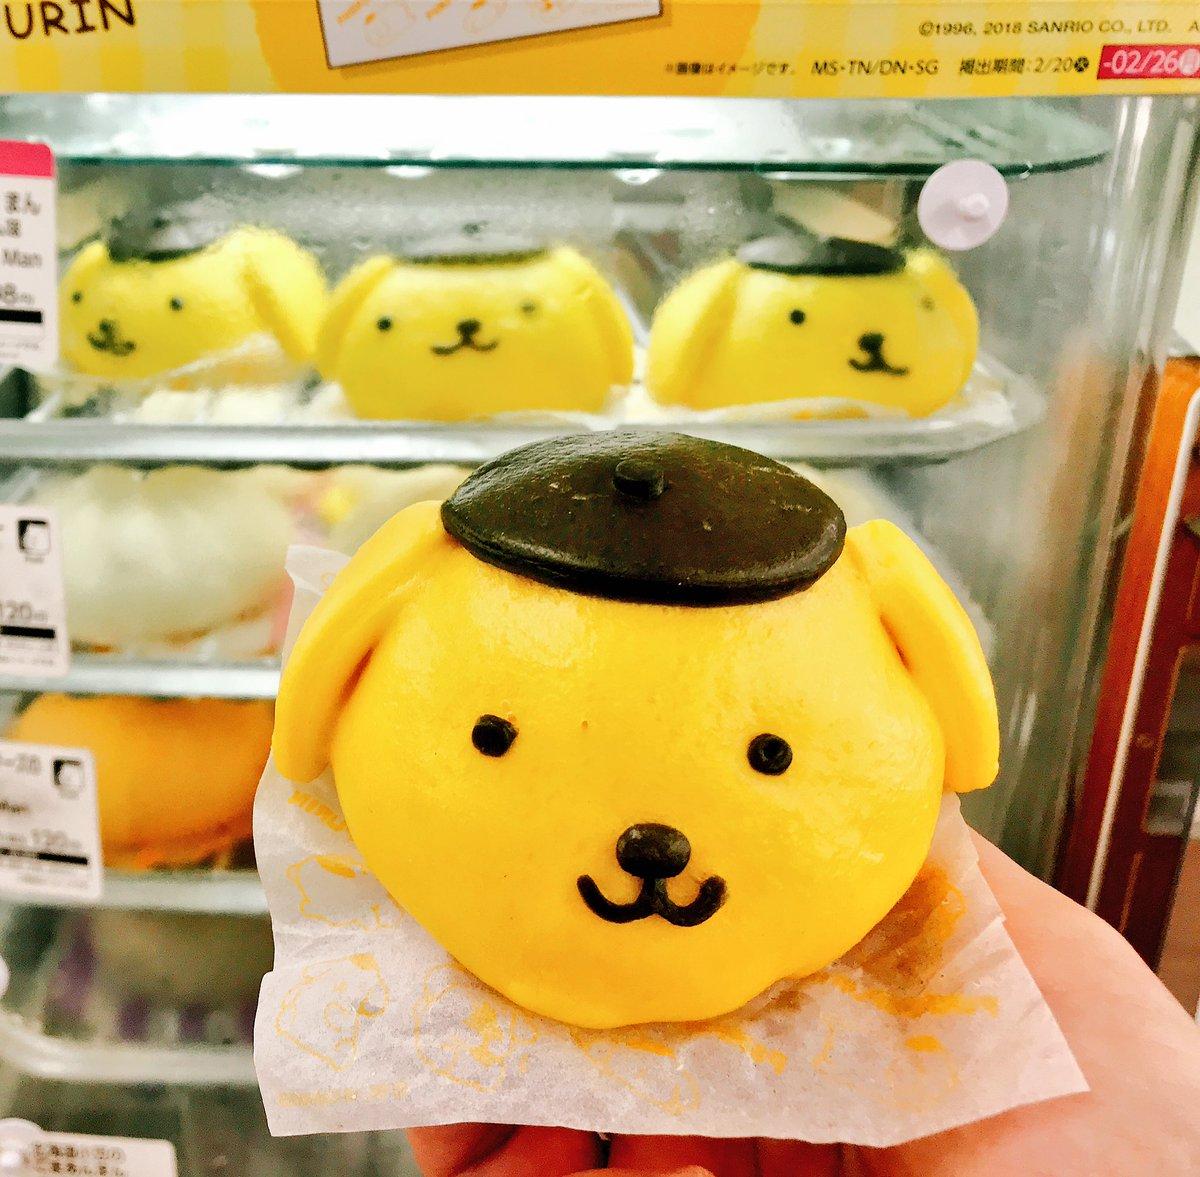 【本日発売】ローソン限定「ポムポムプリンまん カスタードクリーム味」2/20(火)発売✨目が合っちゃったら可愛すぎて食べられない〜😋🐶🍮🍮🍮🍮🍮🍀💛